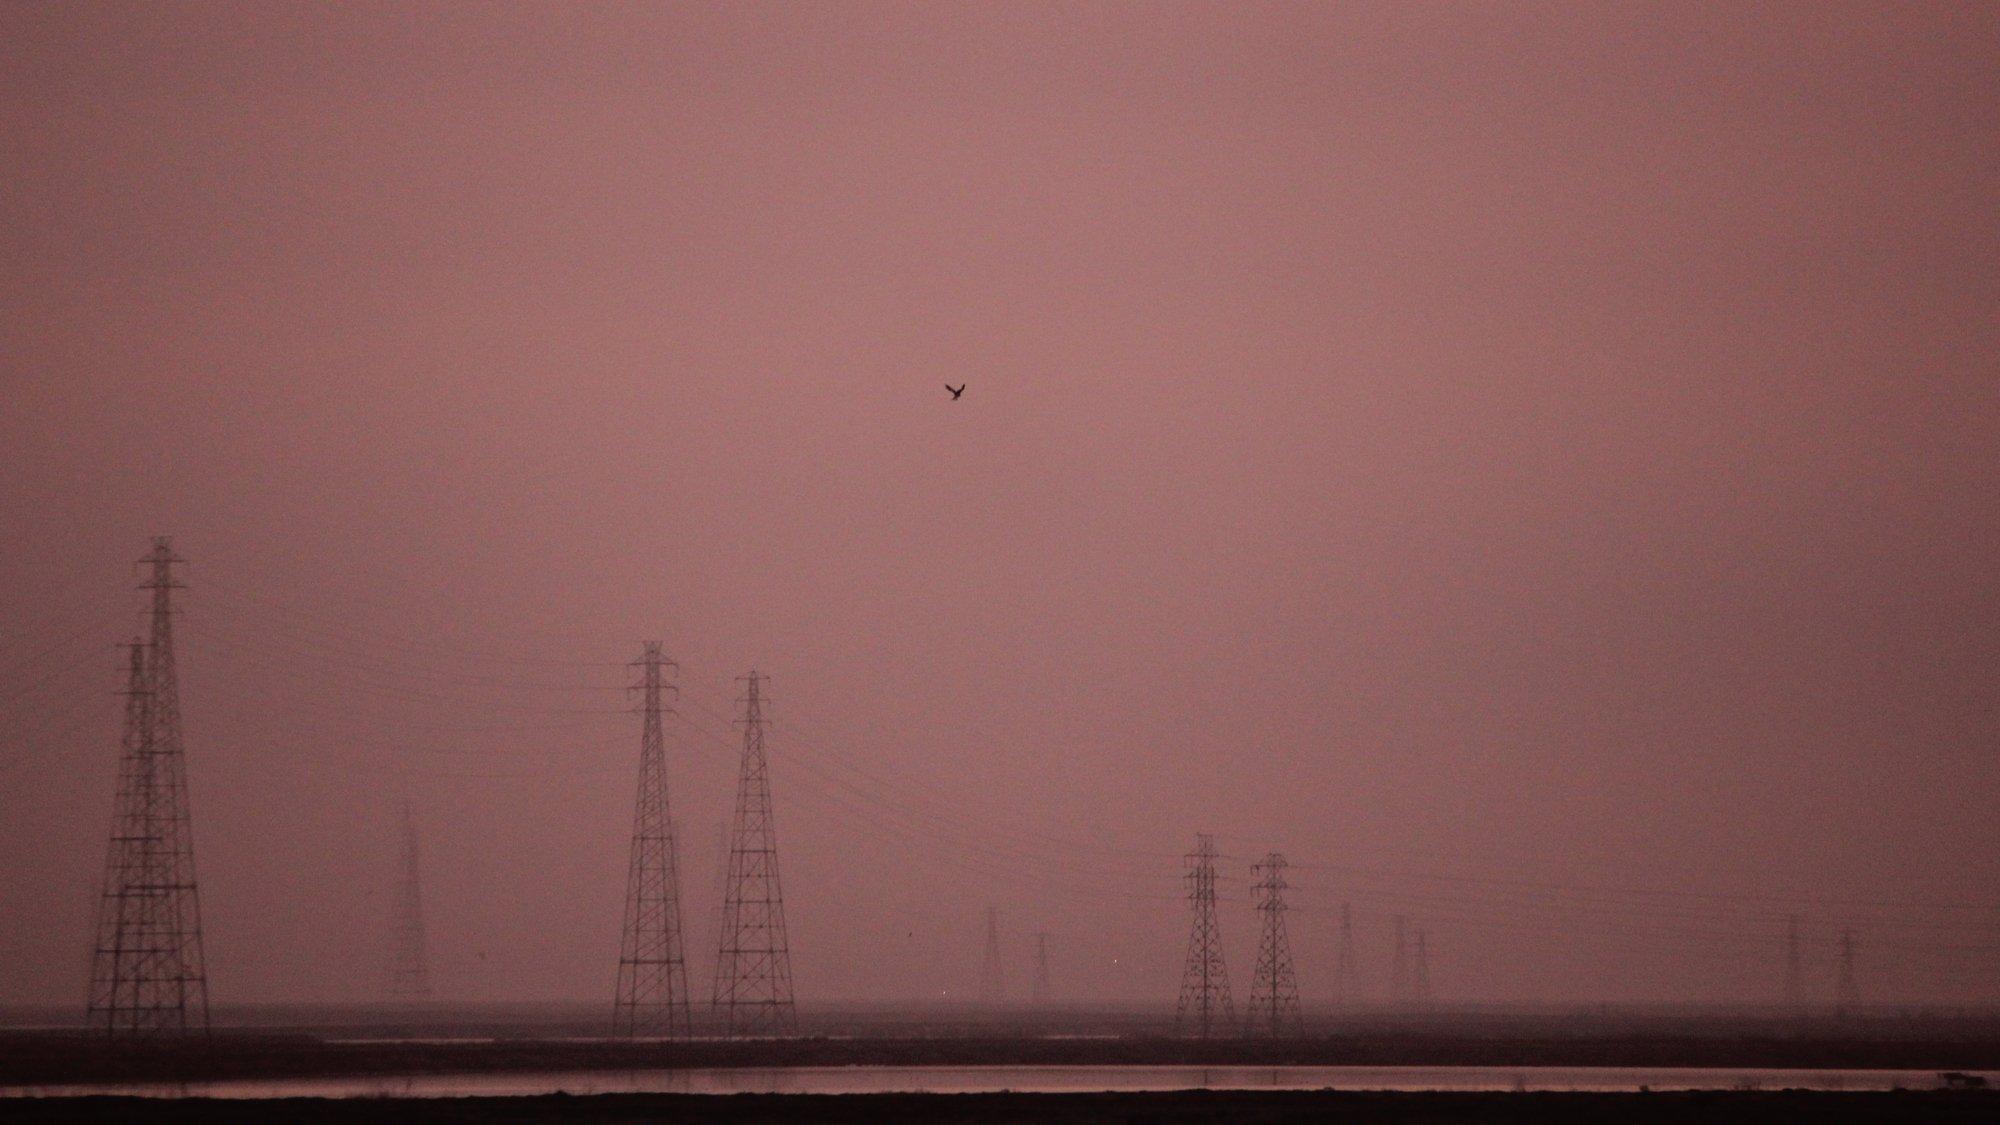 Das Bild zeigt eine in Himmelsrot getauchte Landschaft in der Bucht von San Francisco, unweit des Google-Hauptquartiers. Ein Vogel – ein Weißschwanzgleitaar – schwebt am Himmel über dem Baylands Nature Preserve, im Hintergrund sind Strommasten zu sehen.